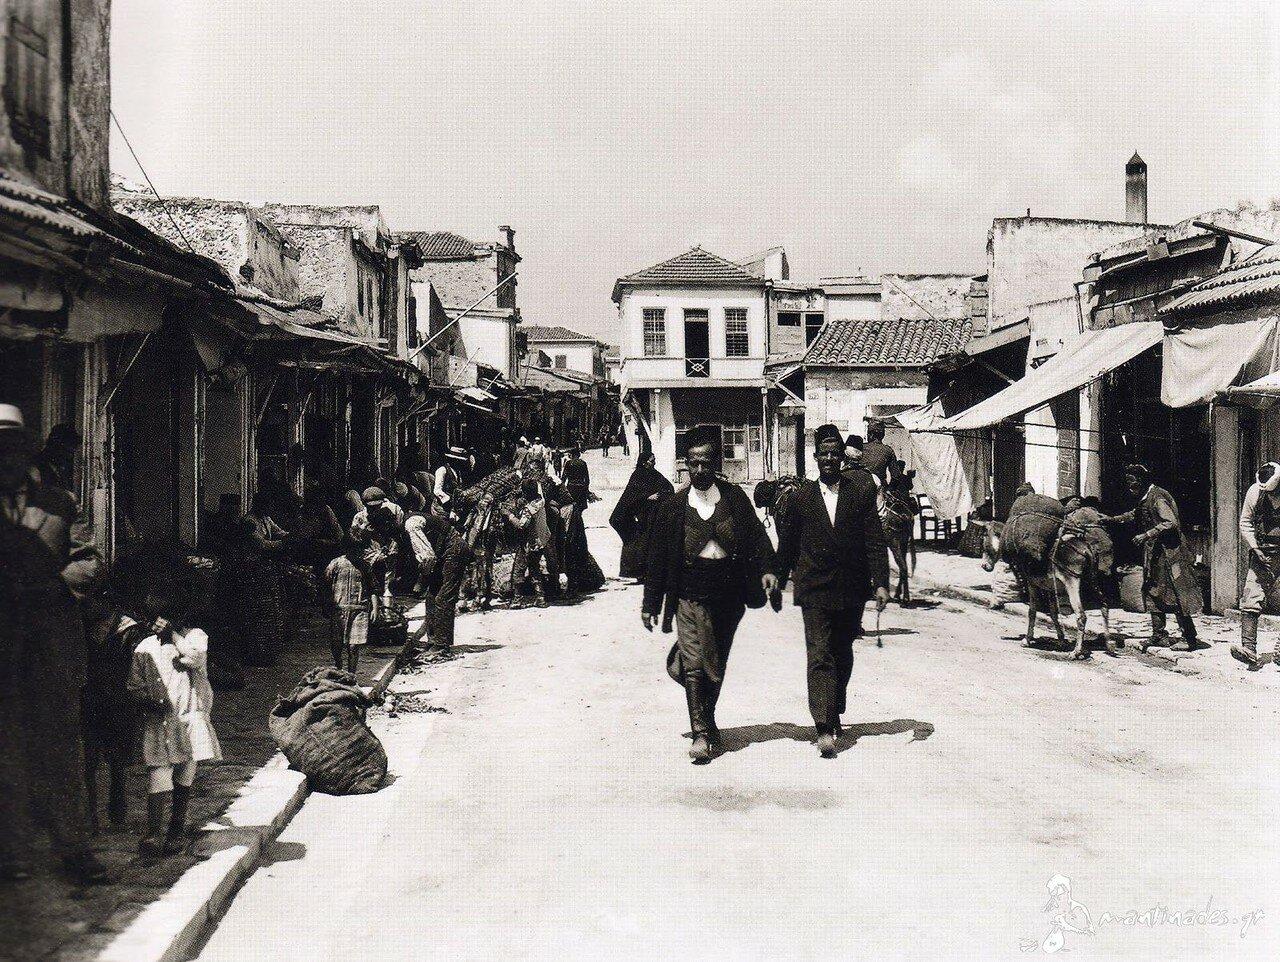 1920. Крит. Ираклион, проспект Калокерину